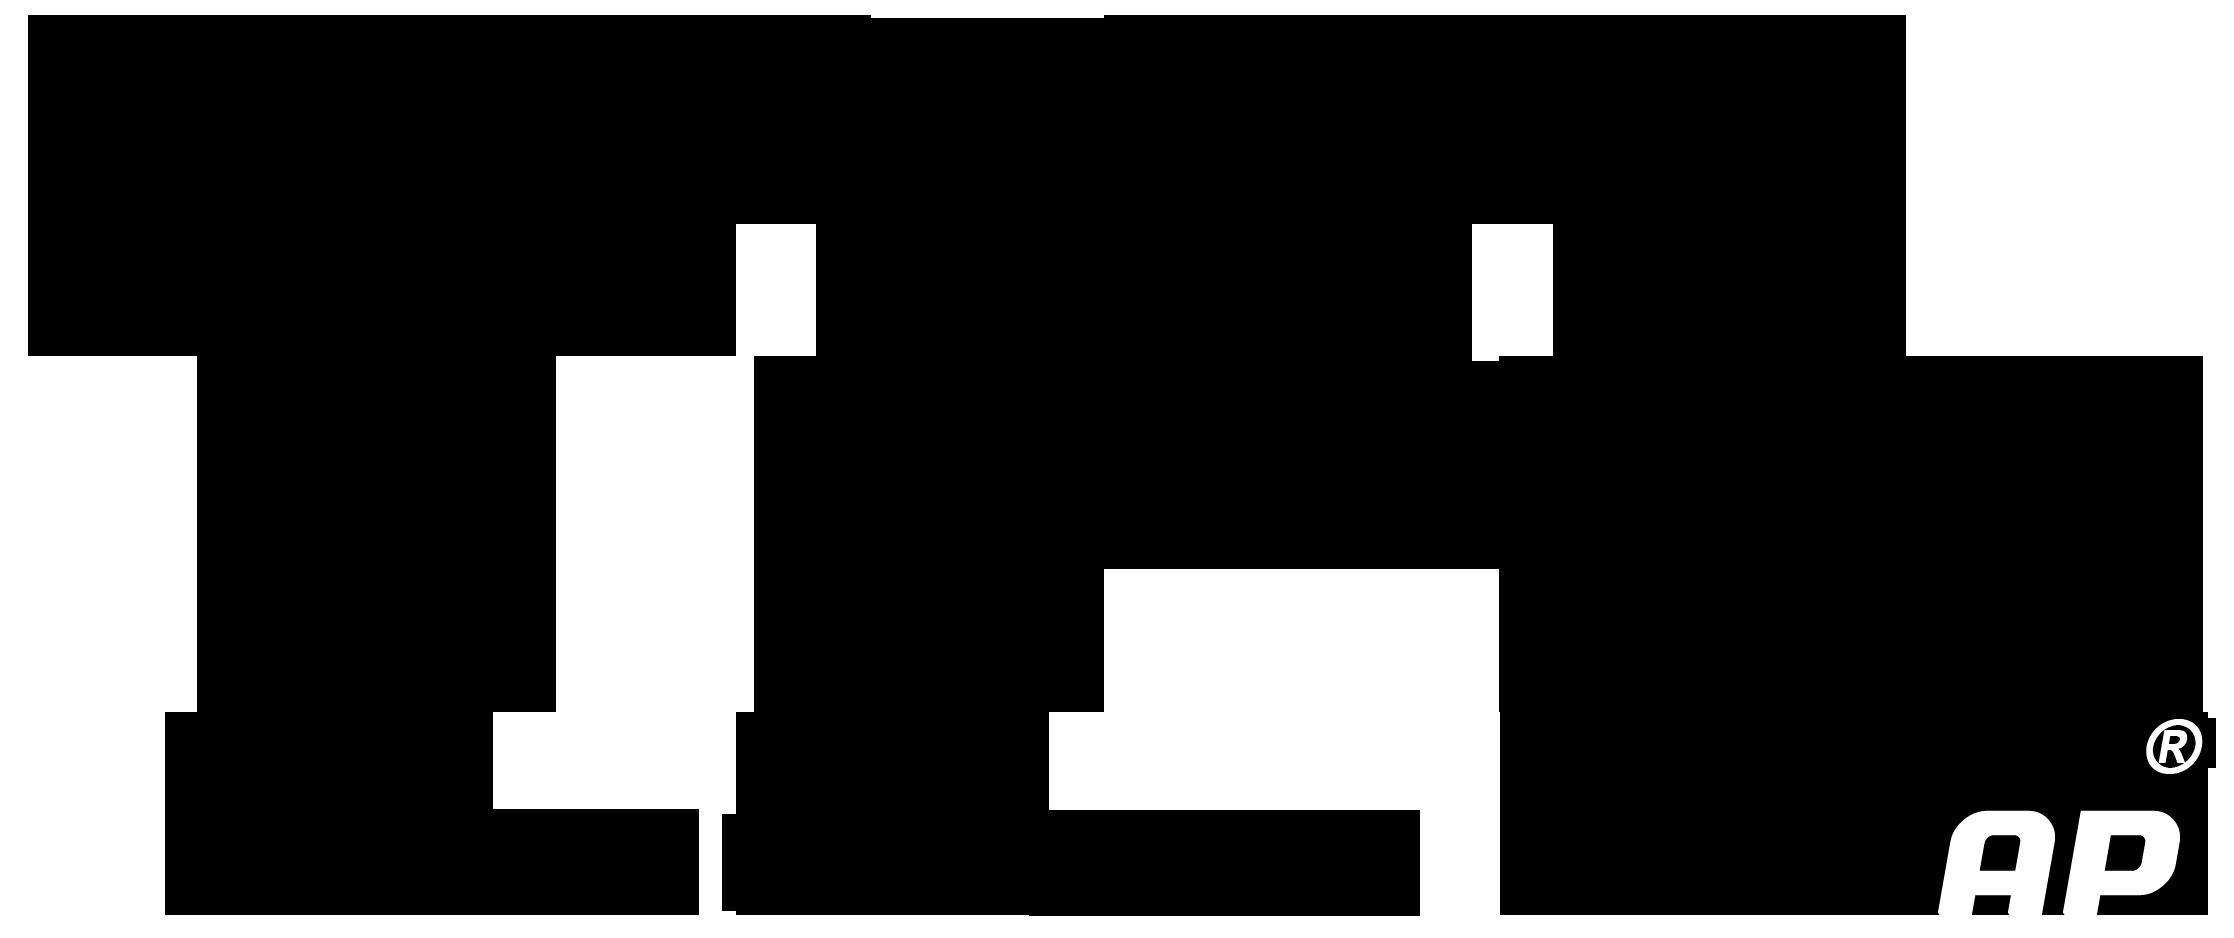 tfl_logo_2016bw